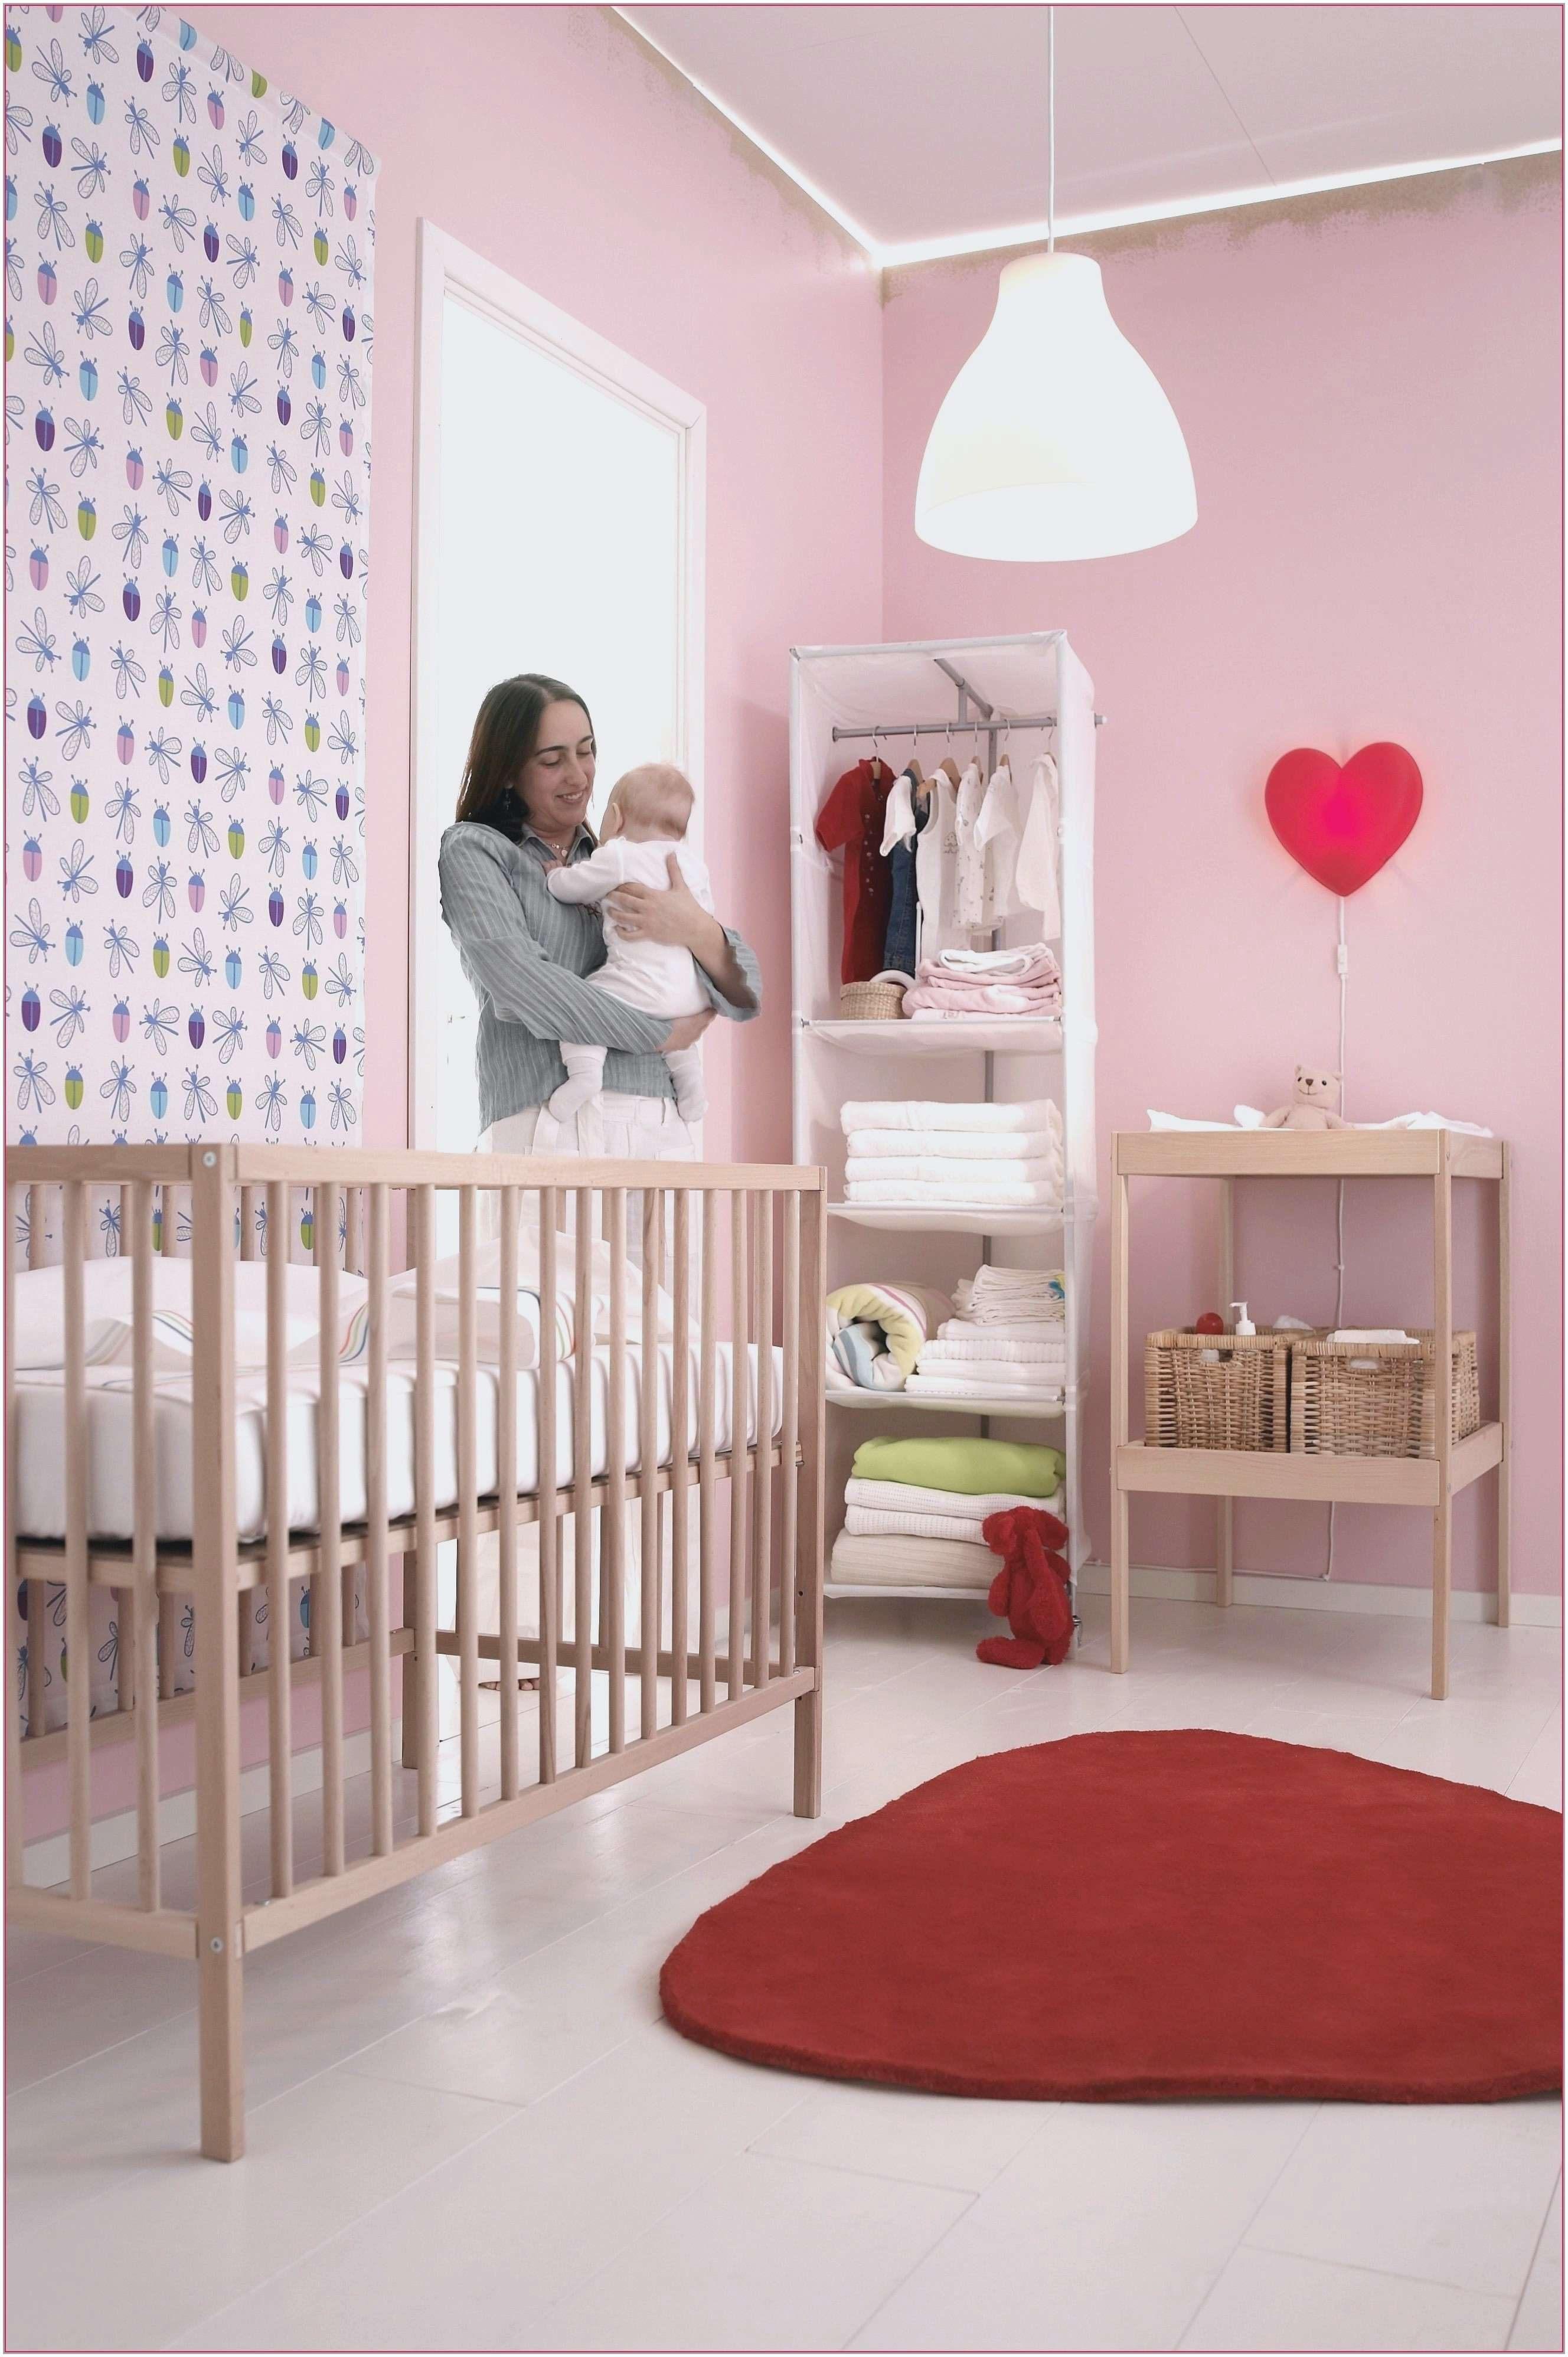 Parure Lit Bébé Belle Elégant Chambre Bébé Fille Gris Et Rose Beau Parc B C3 A9b C3 A9